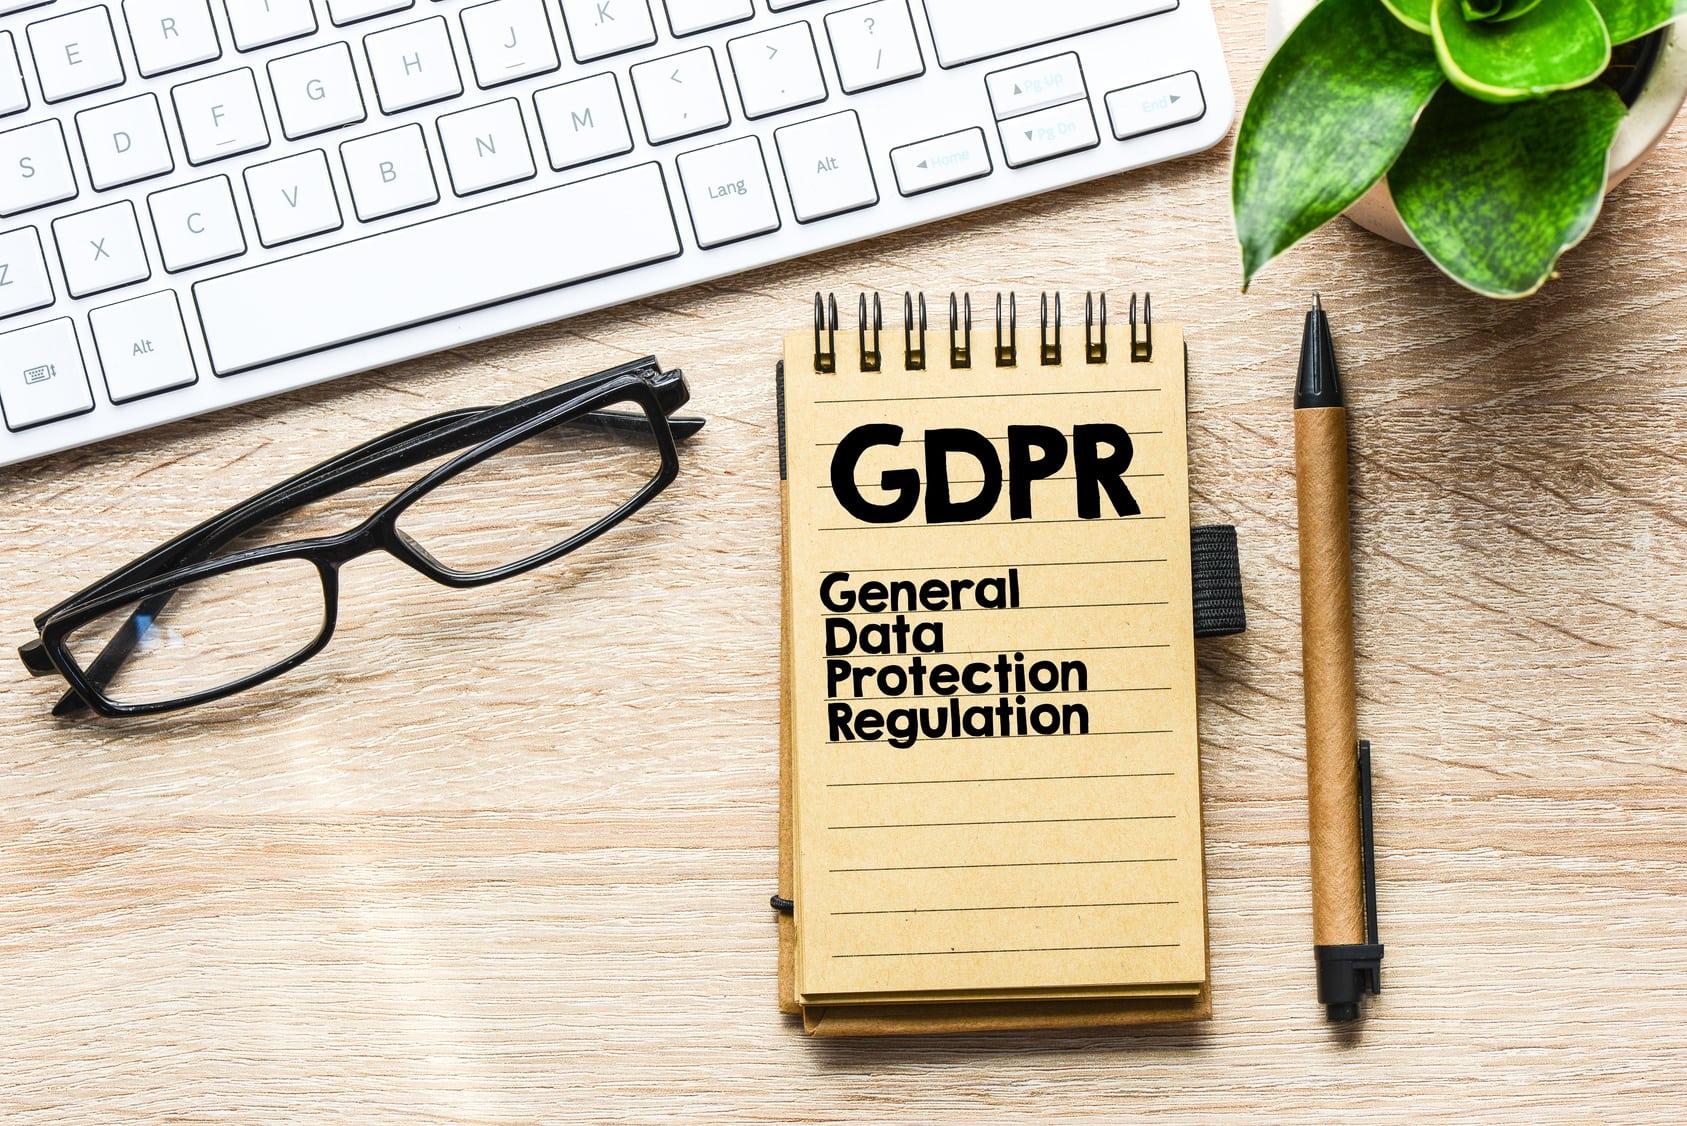 Miten vältät JIRAn muuttumisen henkilörekisteriksi – ja muut GDPR-haasteet työkalujen kanssa